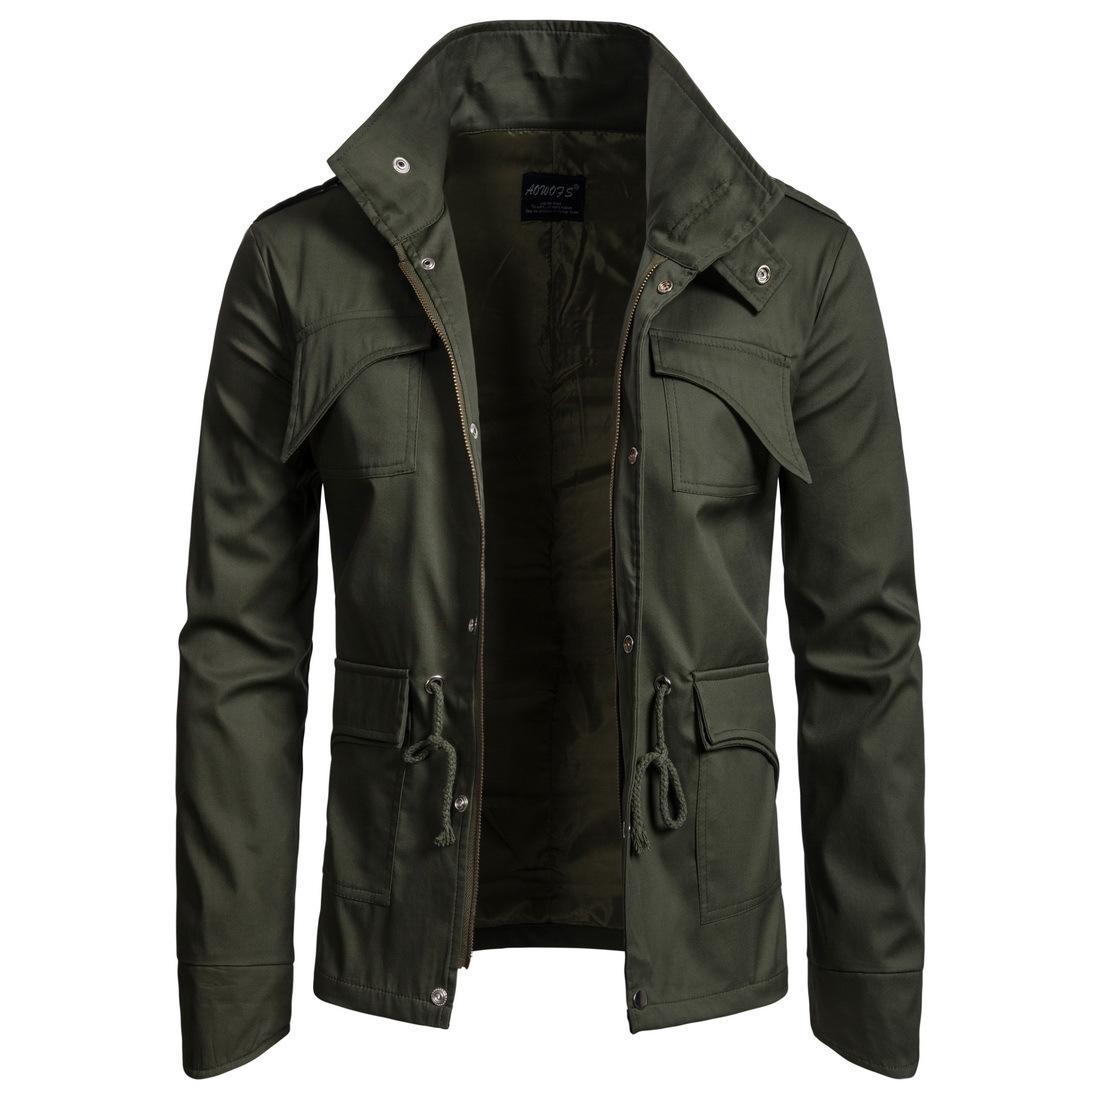 Мужская Дизайнерская Куртка Сплошной Цвет Повседневная Пальто Мужской Куртка с карманом и ремешком Азиатский Размер 3 Цвета